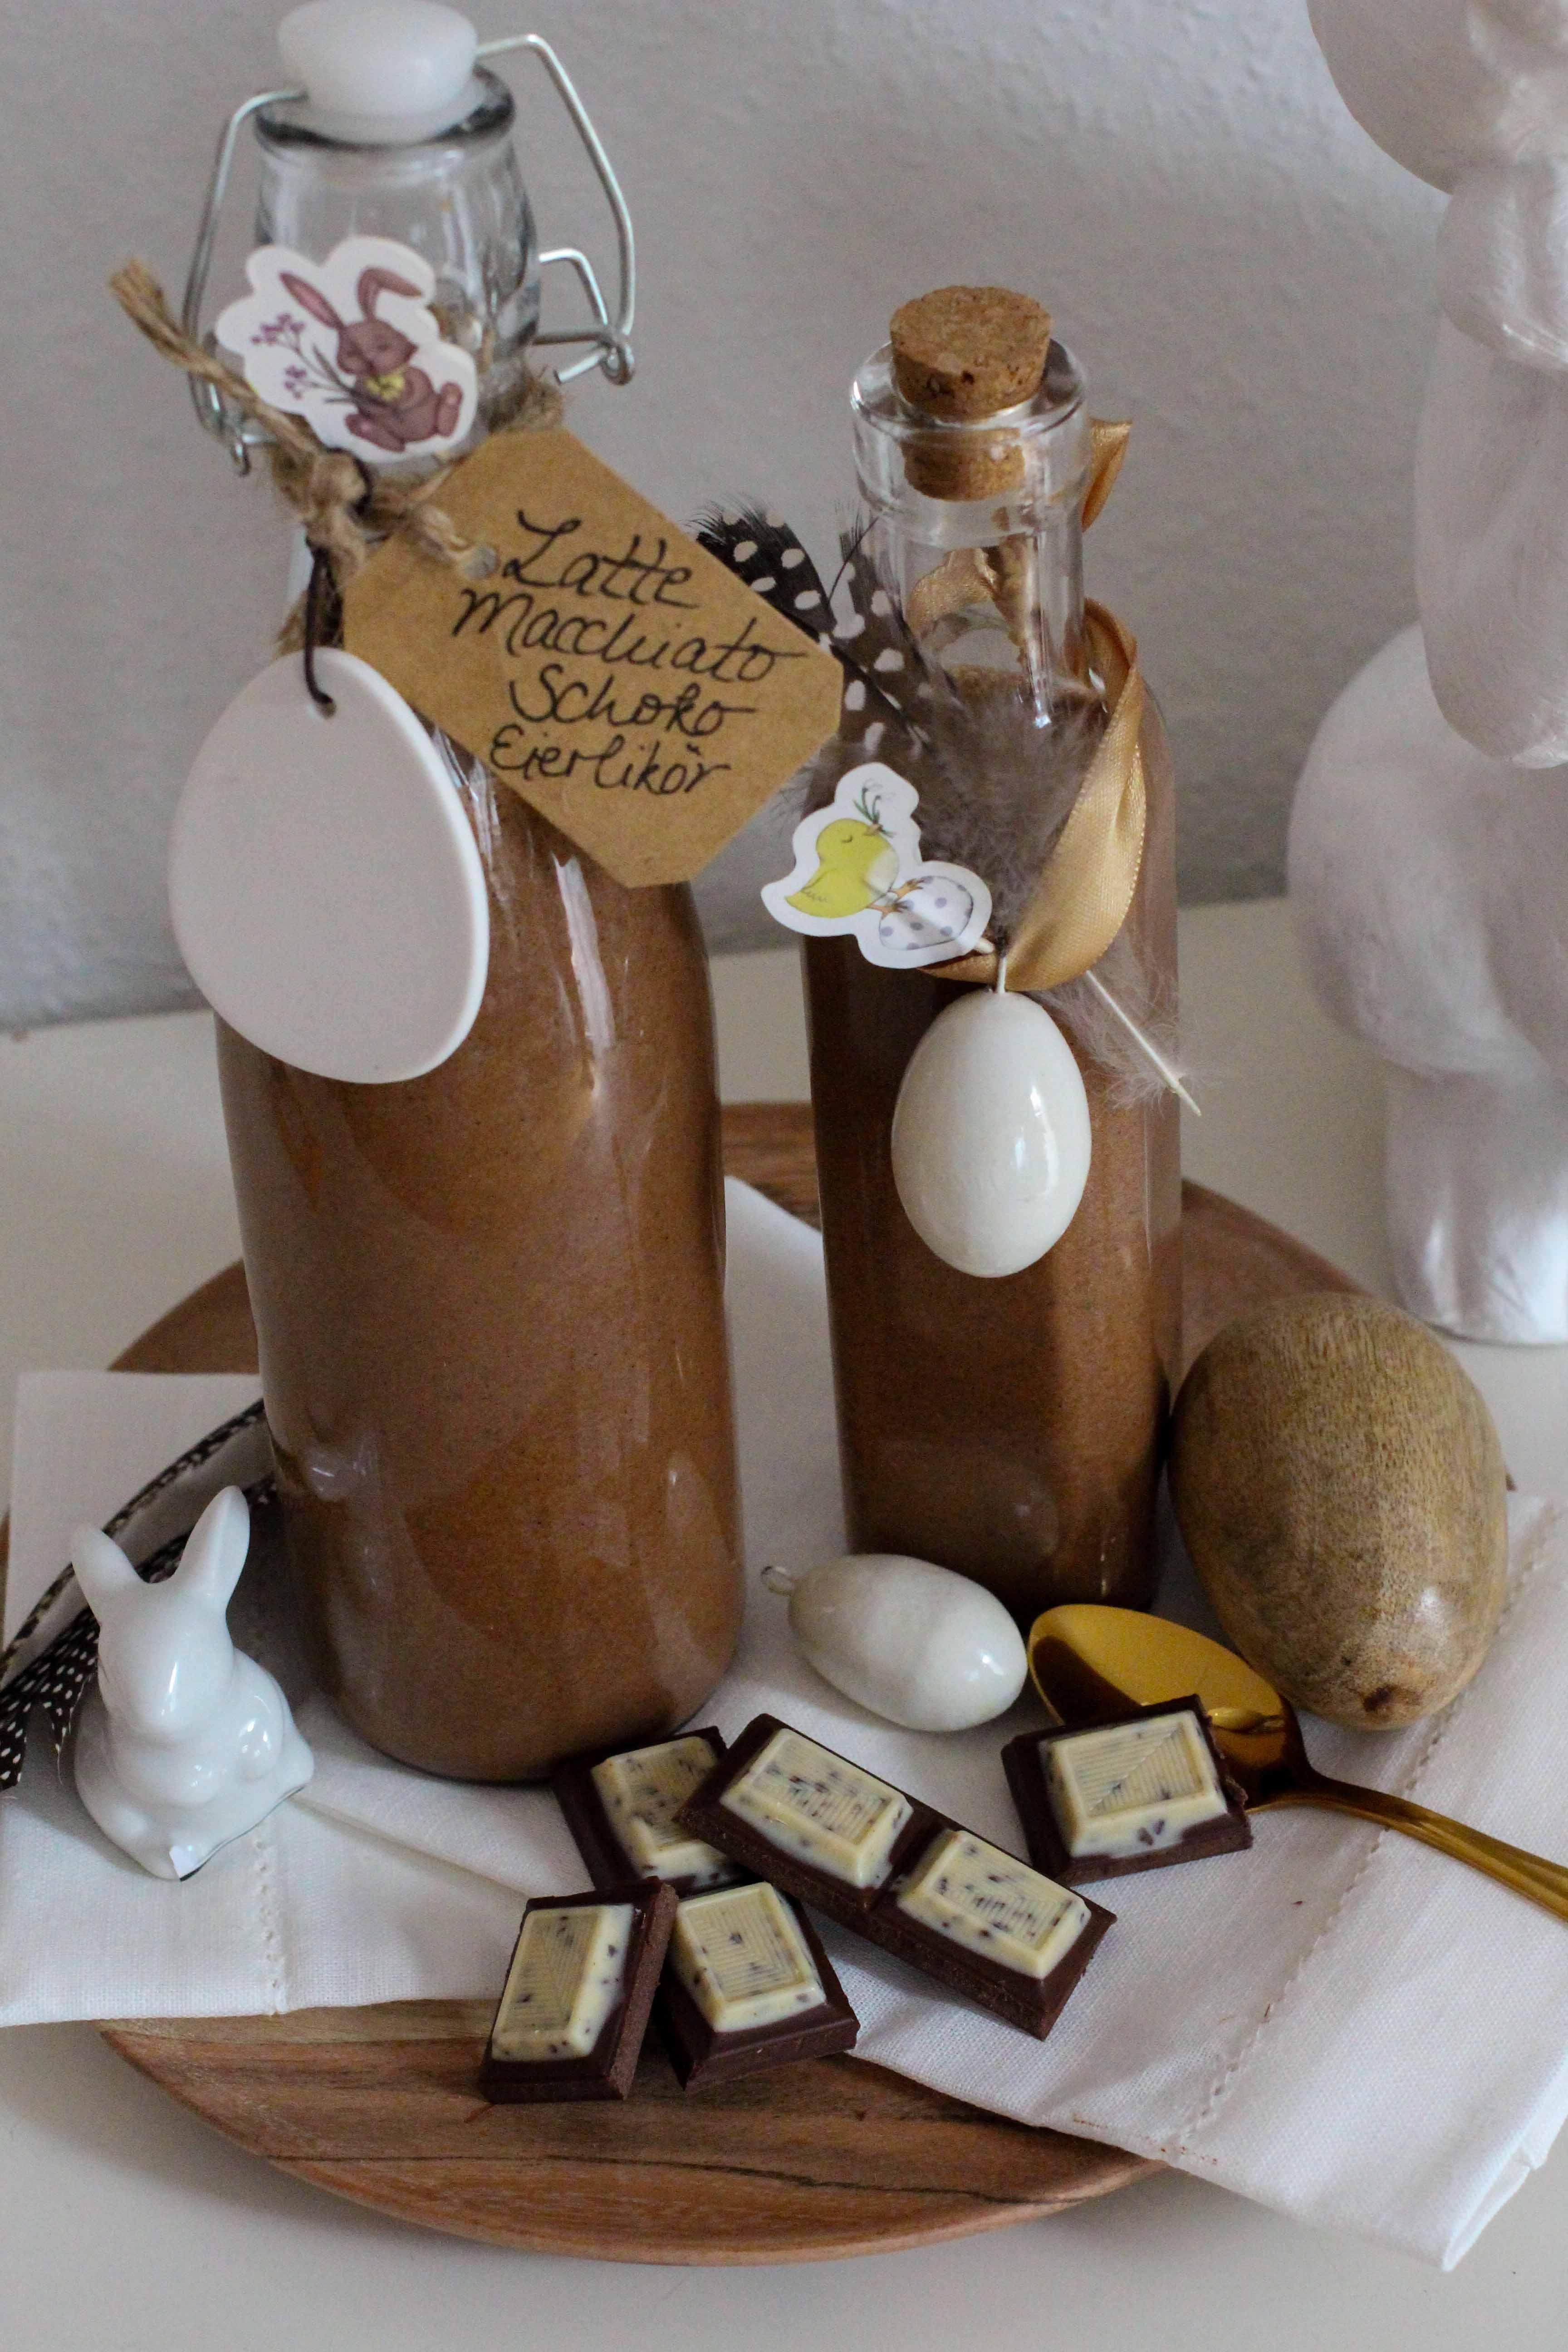 latte macchiato schoko-eierlikör rezept einfach selber machen ostern